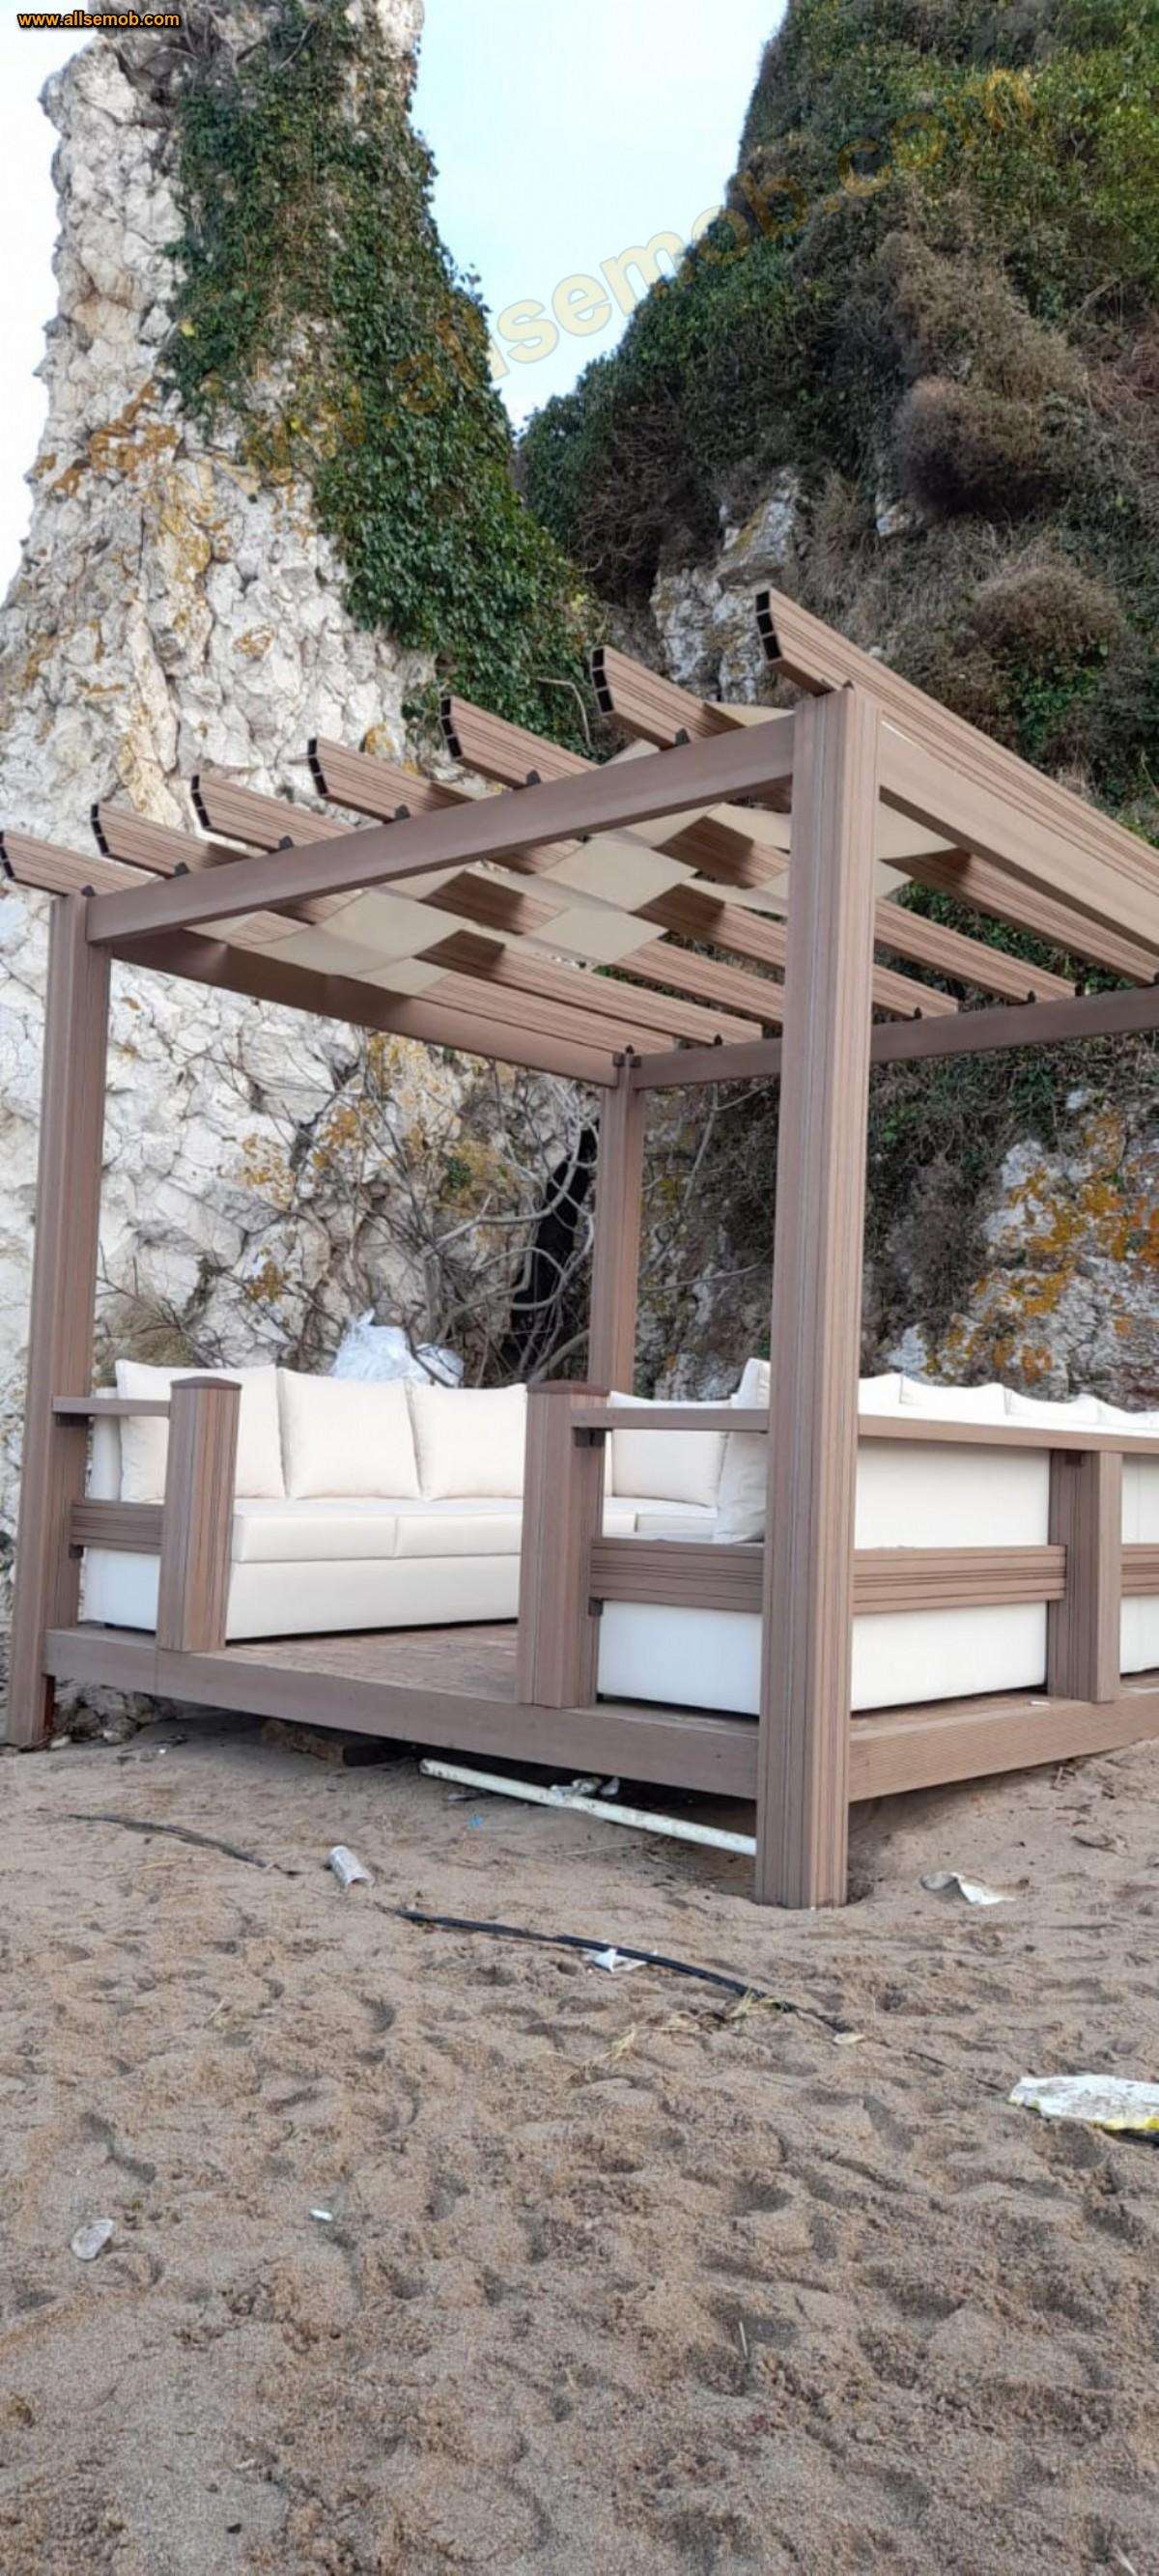 Plaj Kamelyası Özel Üretim Plaj Mobilyaları